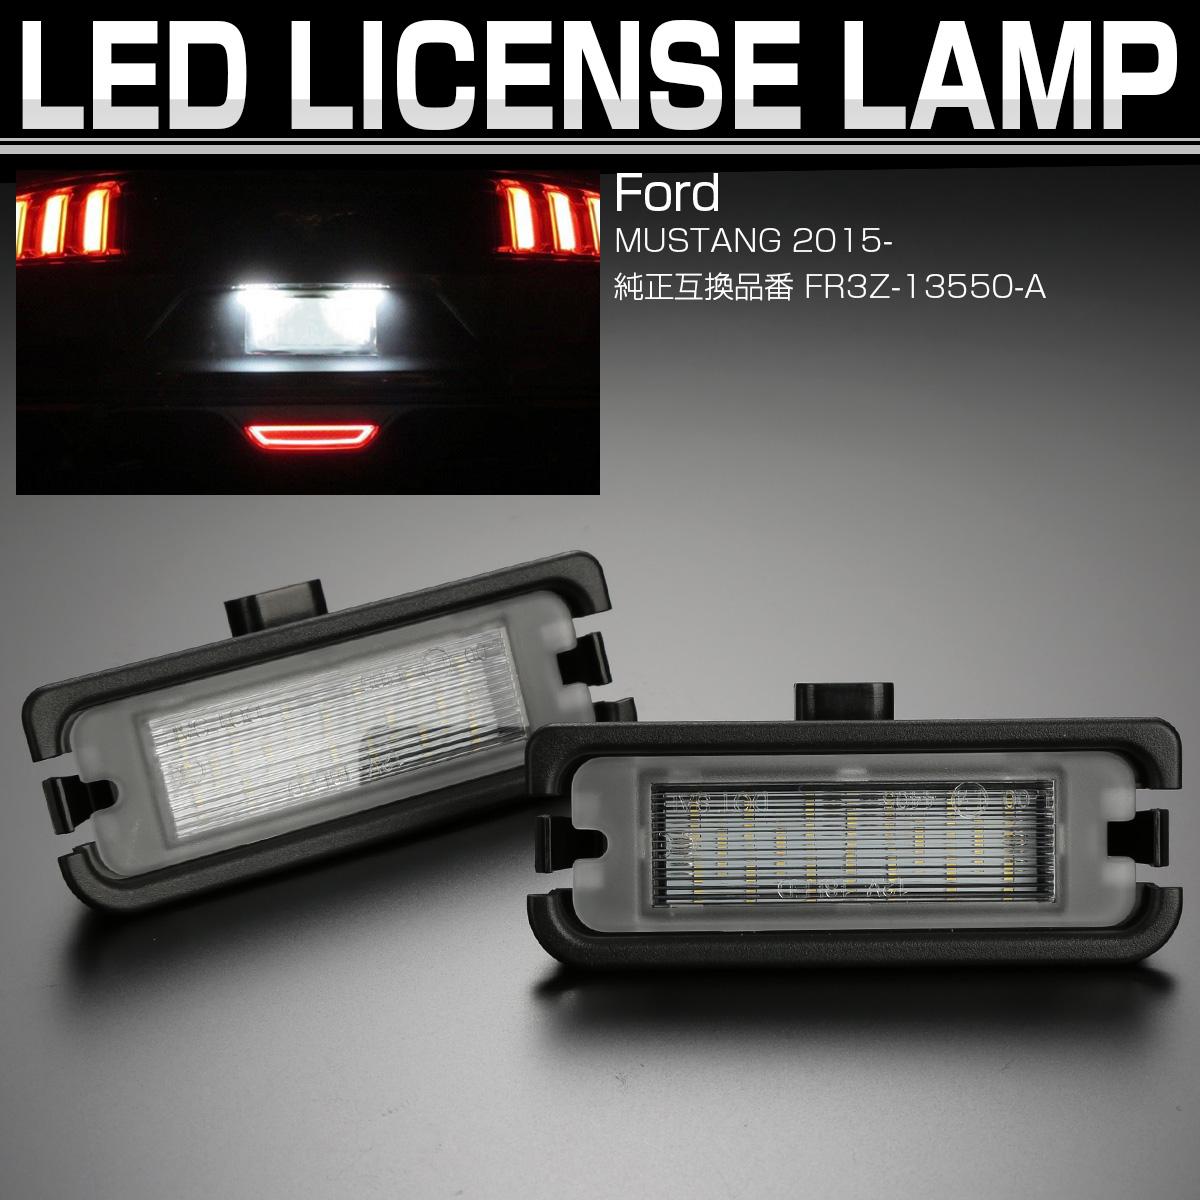 フォード Ford マスタング Mustang 7代目 2015- LED ライセンスランプ ナンバー灯 ホワイト 6500K R-459